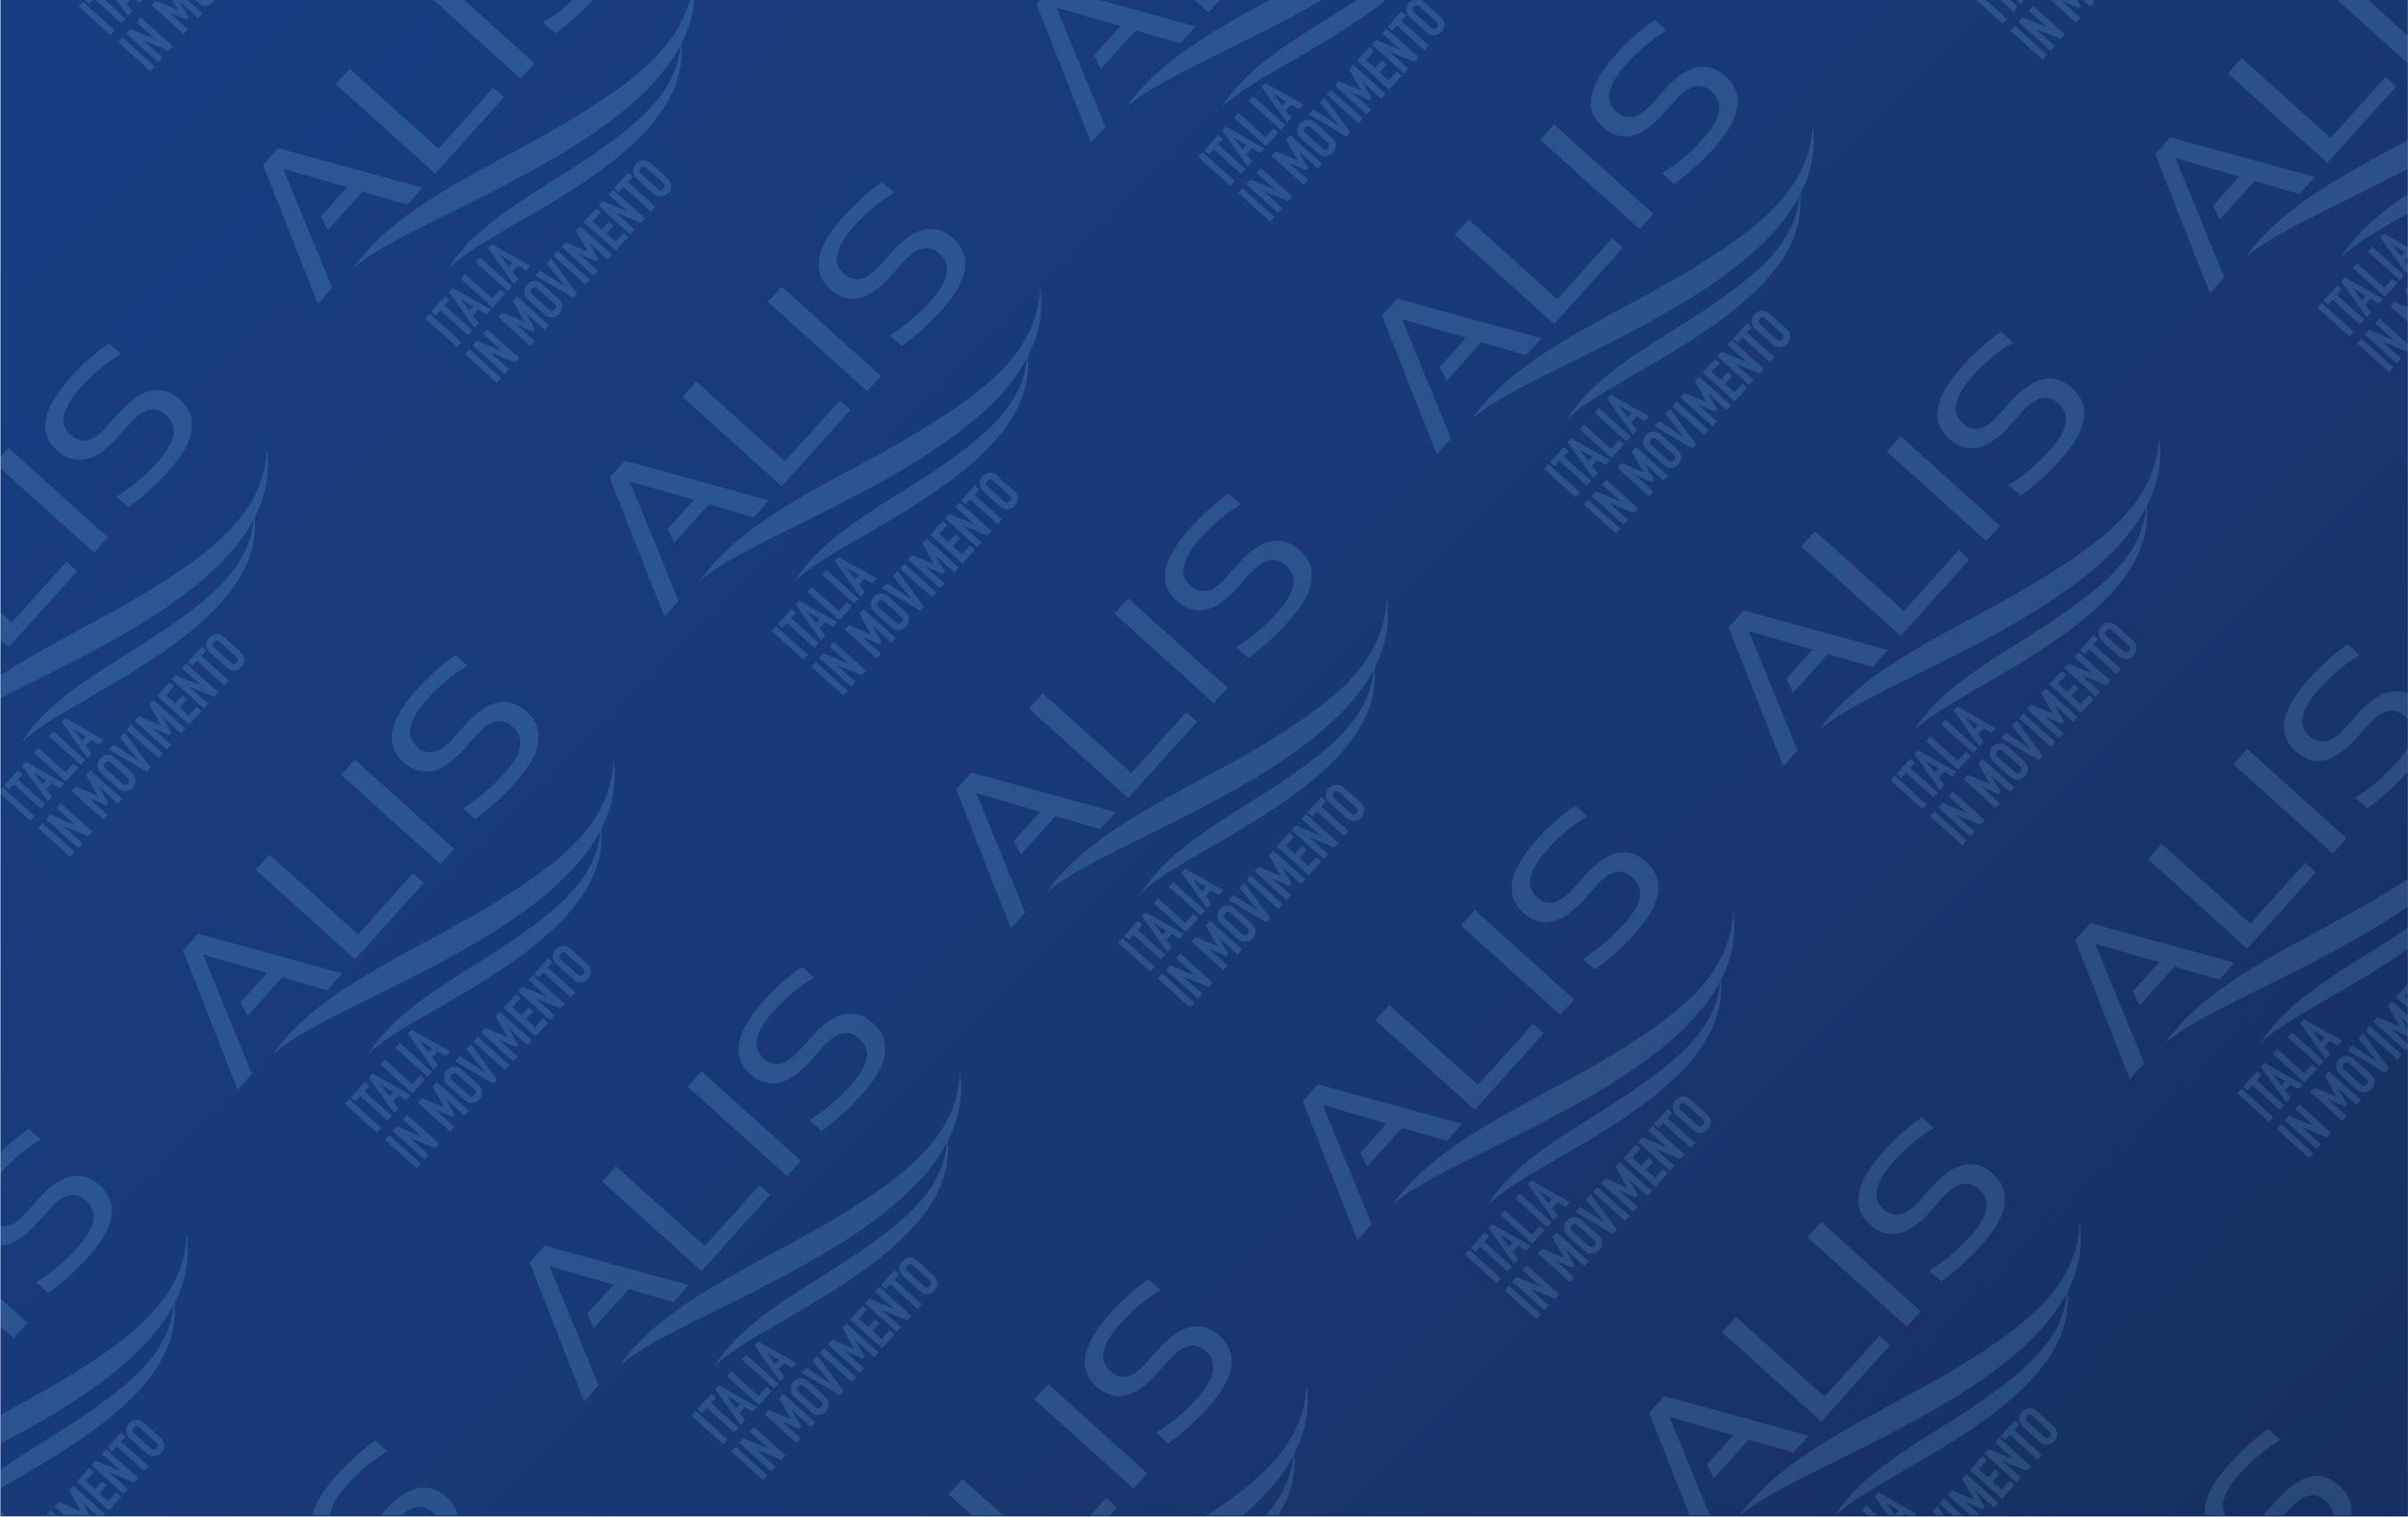 Pedaggi autostradali A24 e A25: congelati gli aumenti fino al 31.12.2020